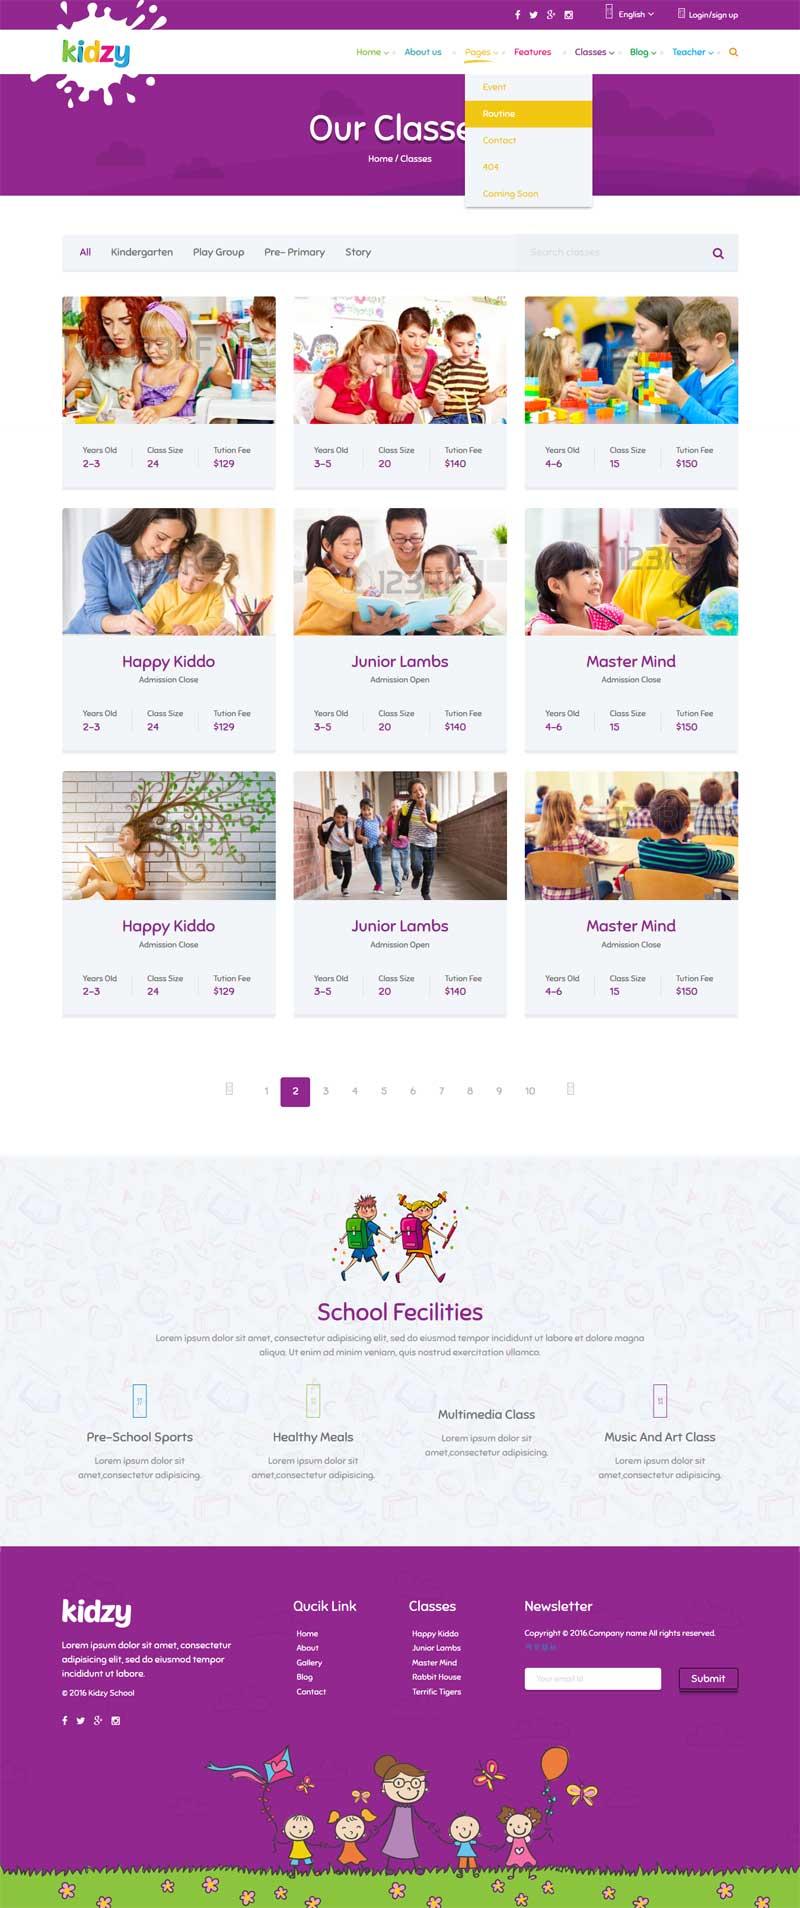 紫色卡通风格的儿童教育培训网站模板下载